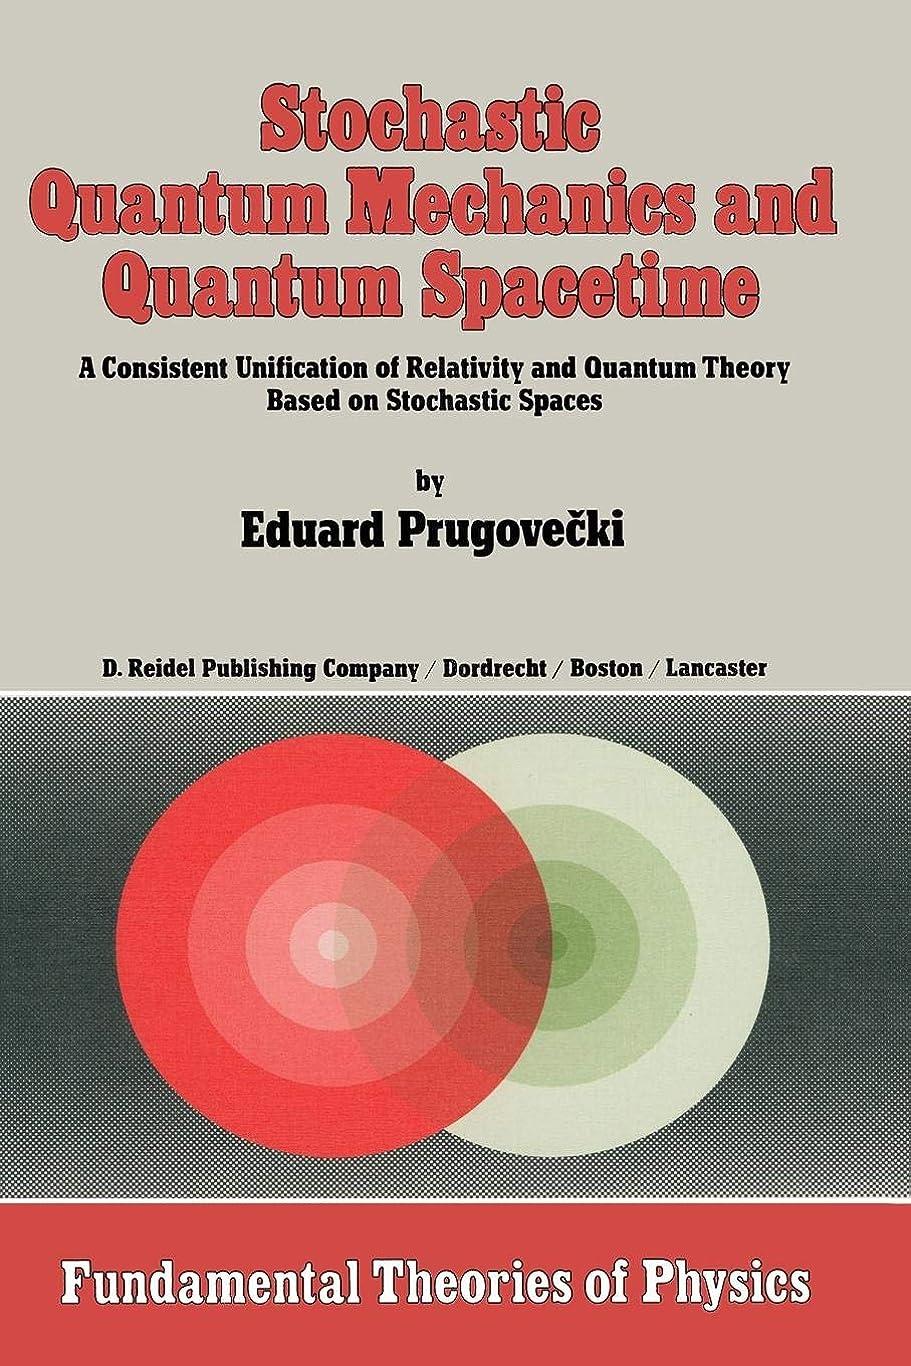 資源策定するインデックスStochastic Quantum Mechanics and Quantum Spacetime: A Consistent Unification of Relativity and Quantum Theory Based on Stochastic Spaces (Fundamental Theories of Physics)